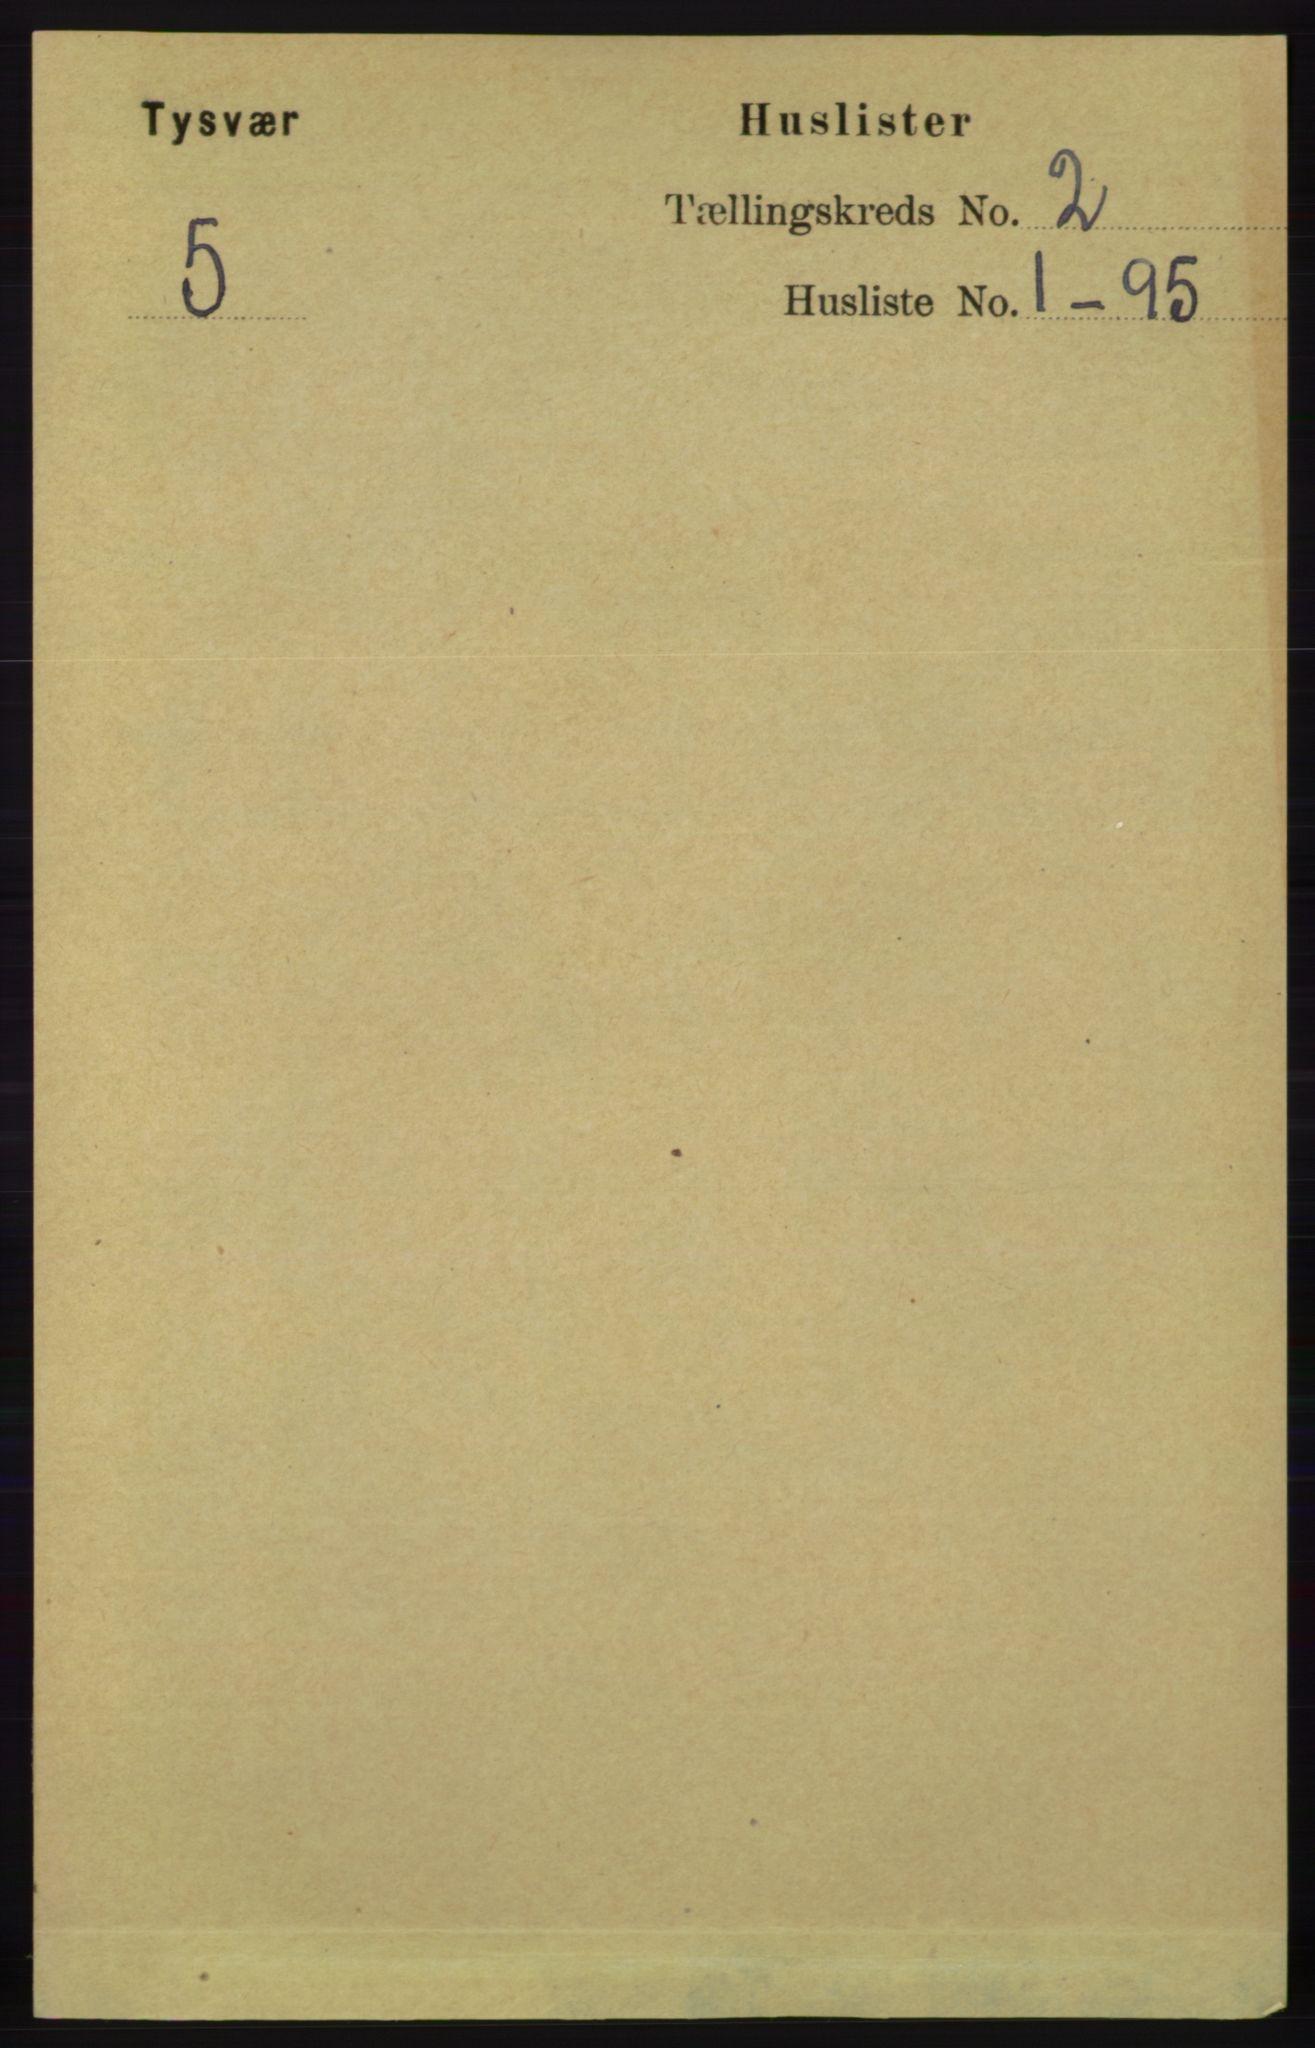 RA, Folketelling 1891 for 1146 Tysvær herred, 1891, s. 601